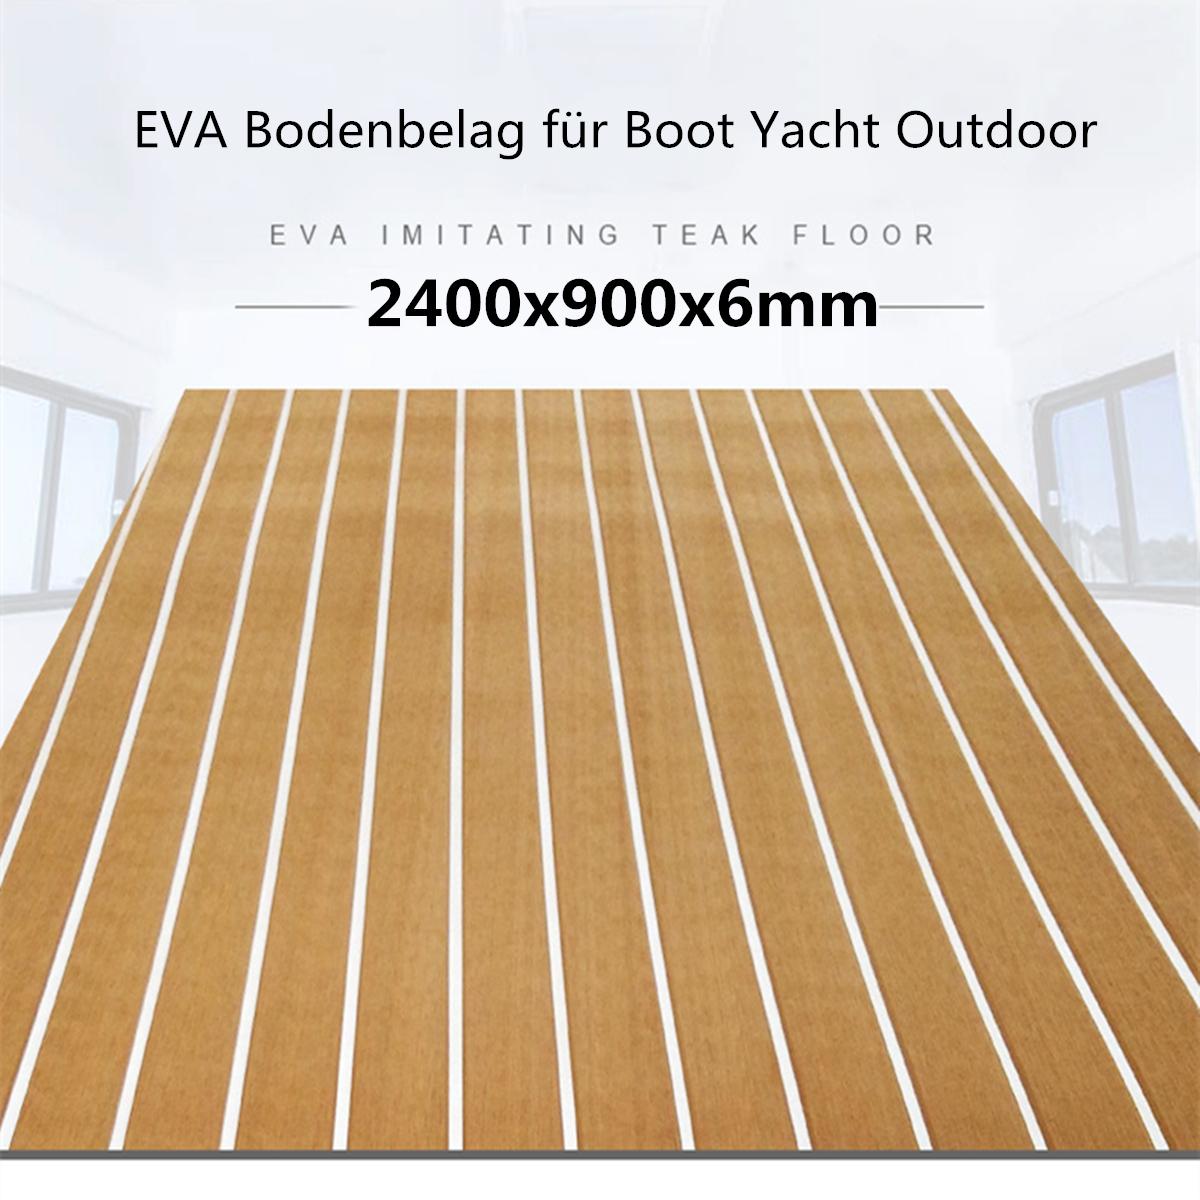 EVA Schaum Yacht Bodenbelag Bootsmatte Fußboden Teak Selbstklebend Matt 70x190cm